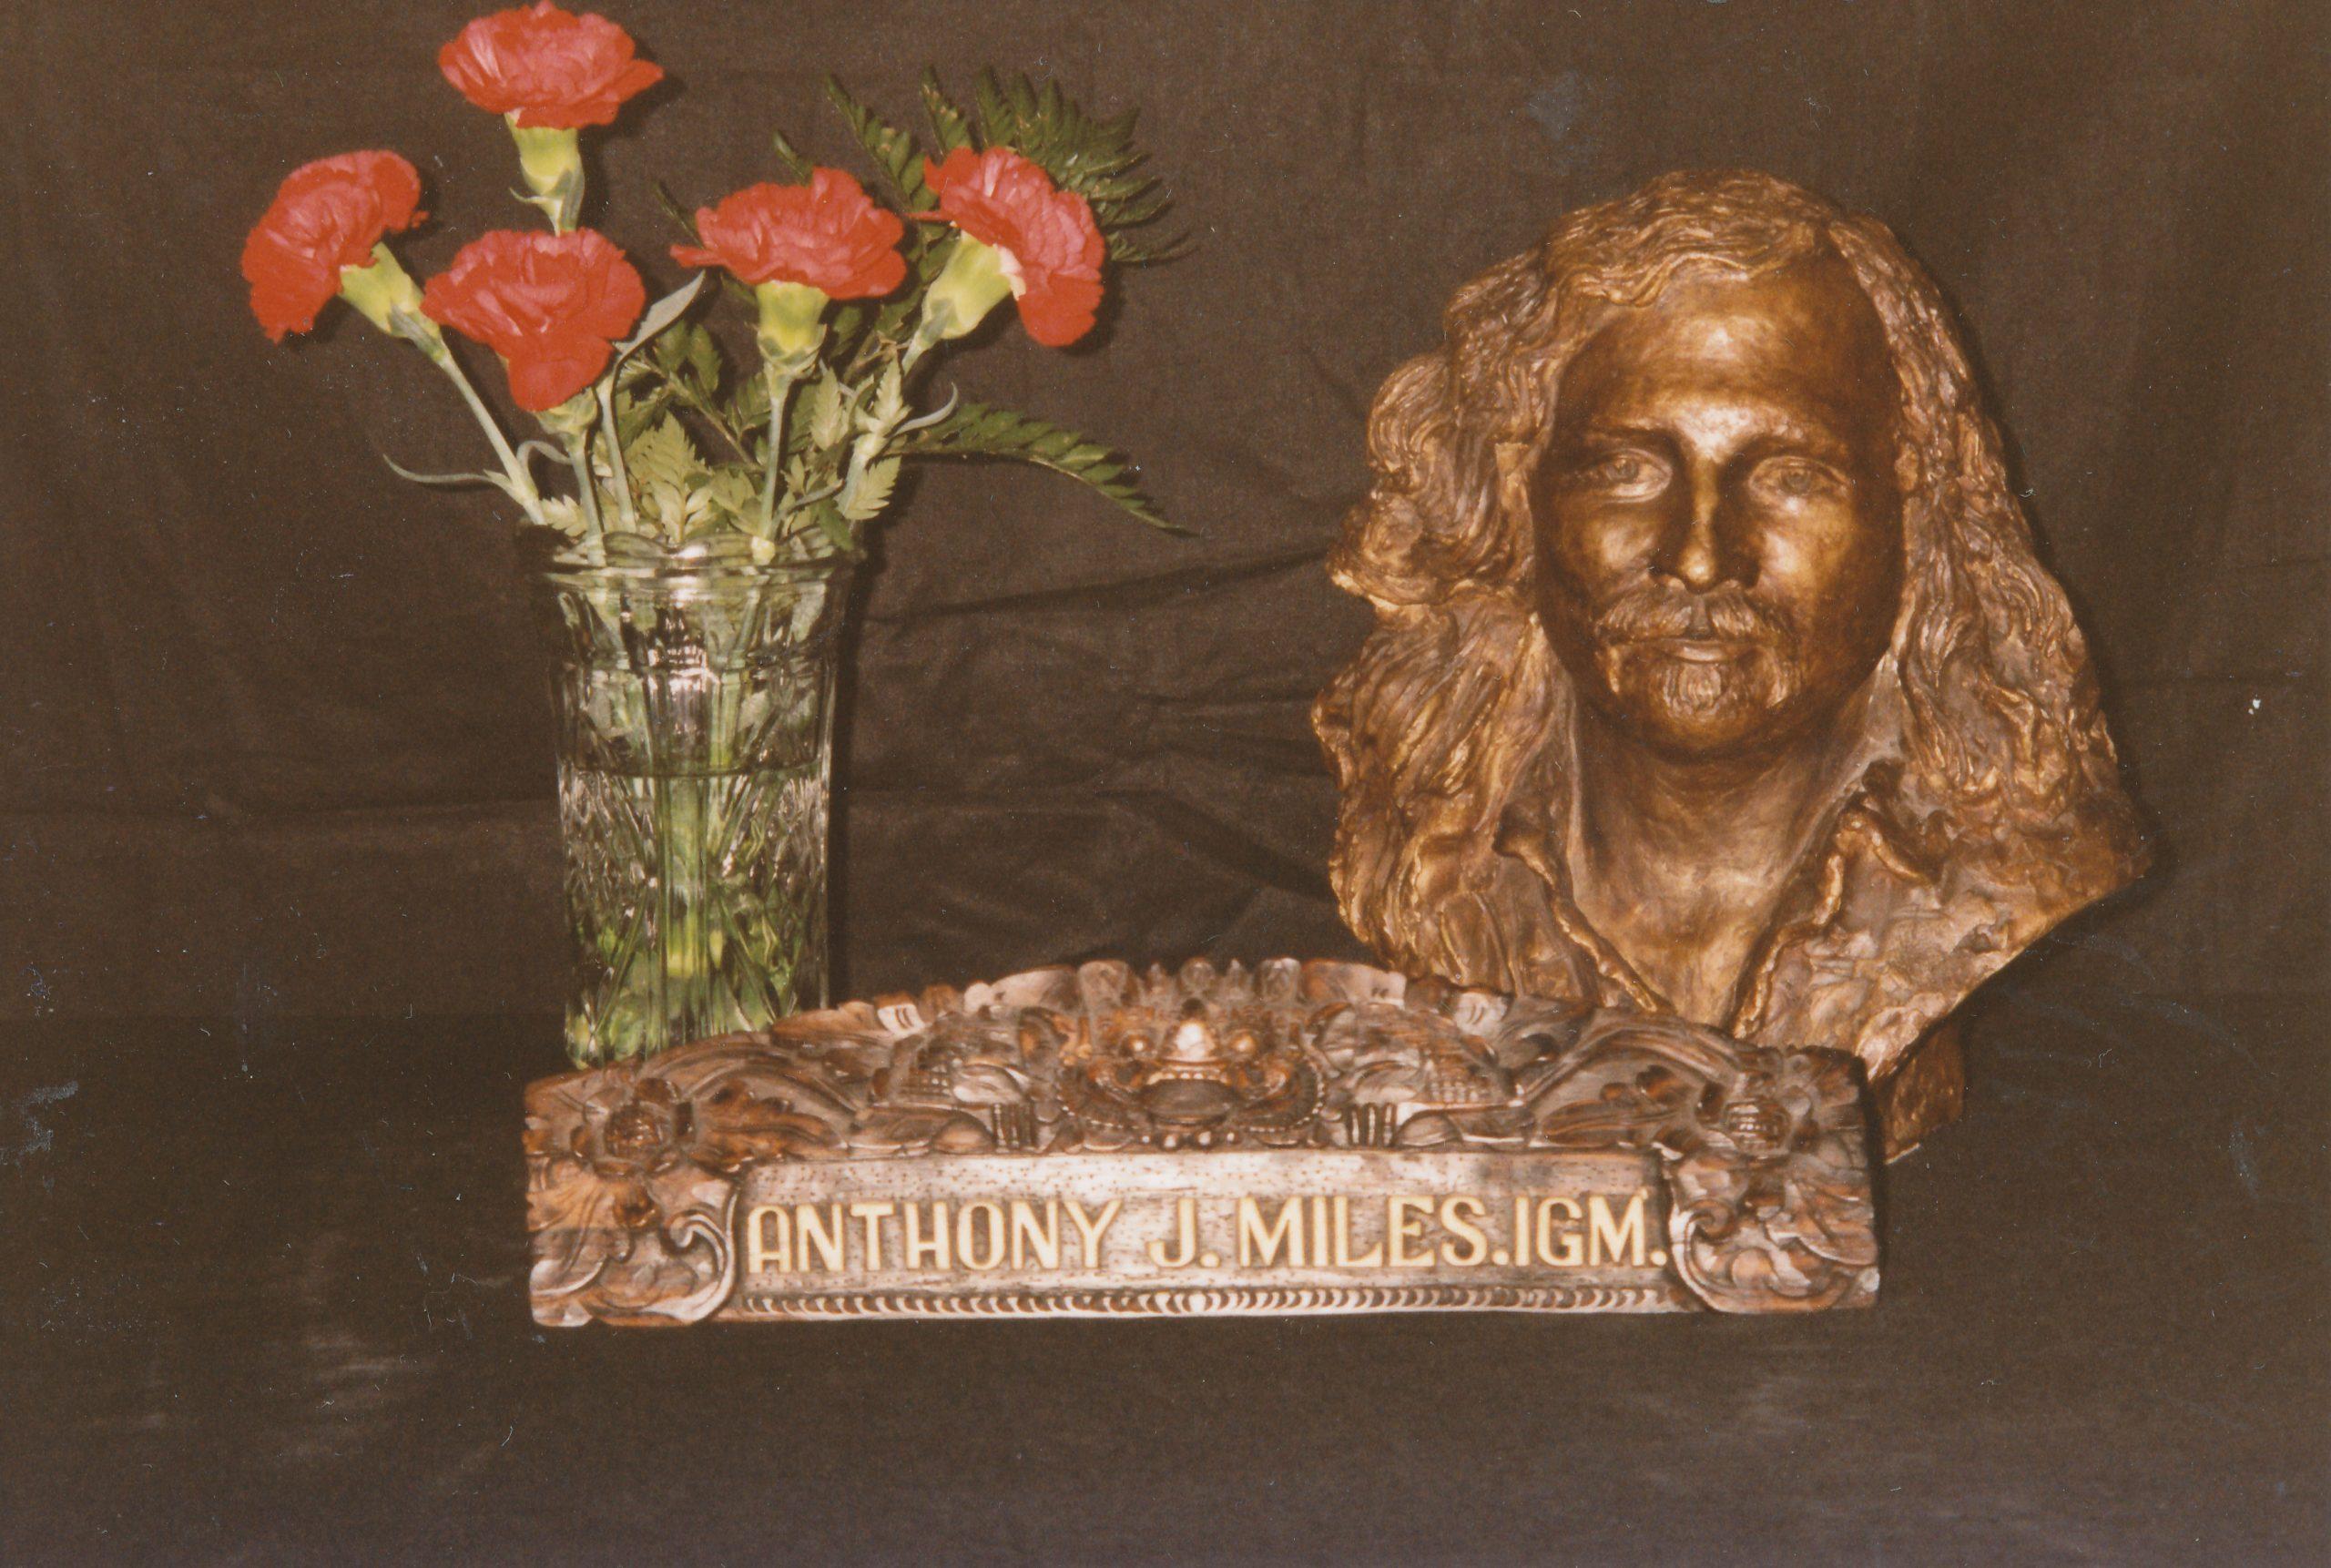 A Tony Miles memorial